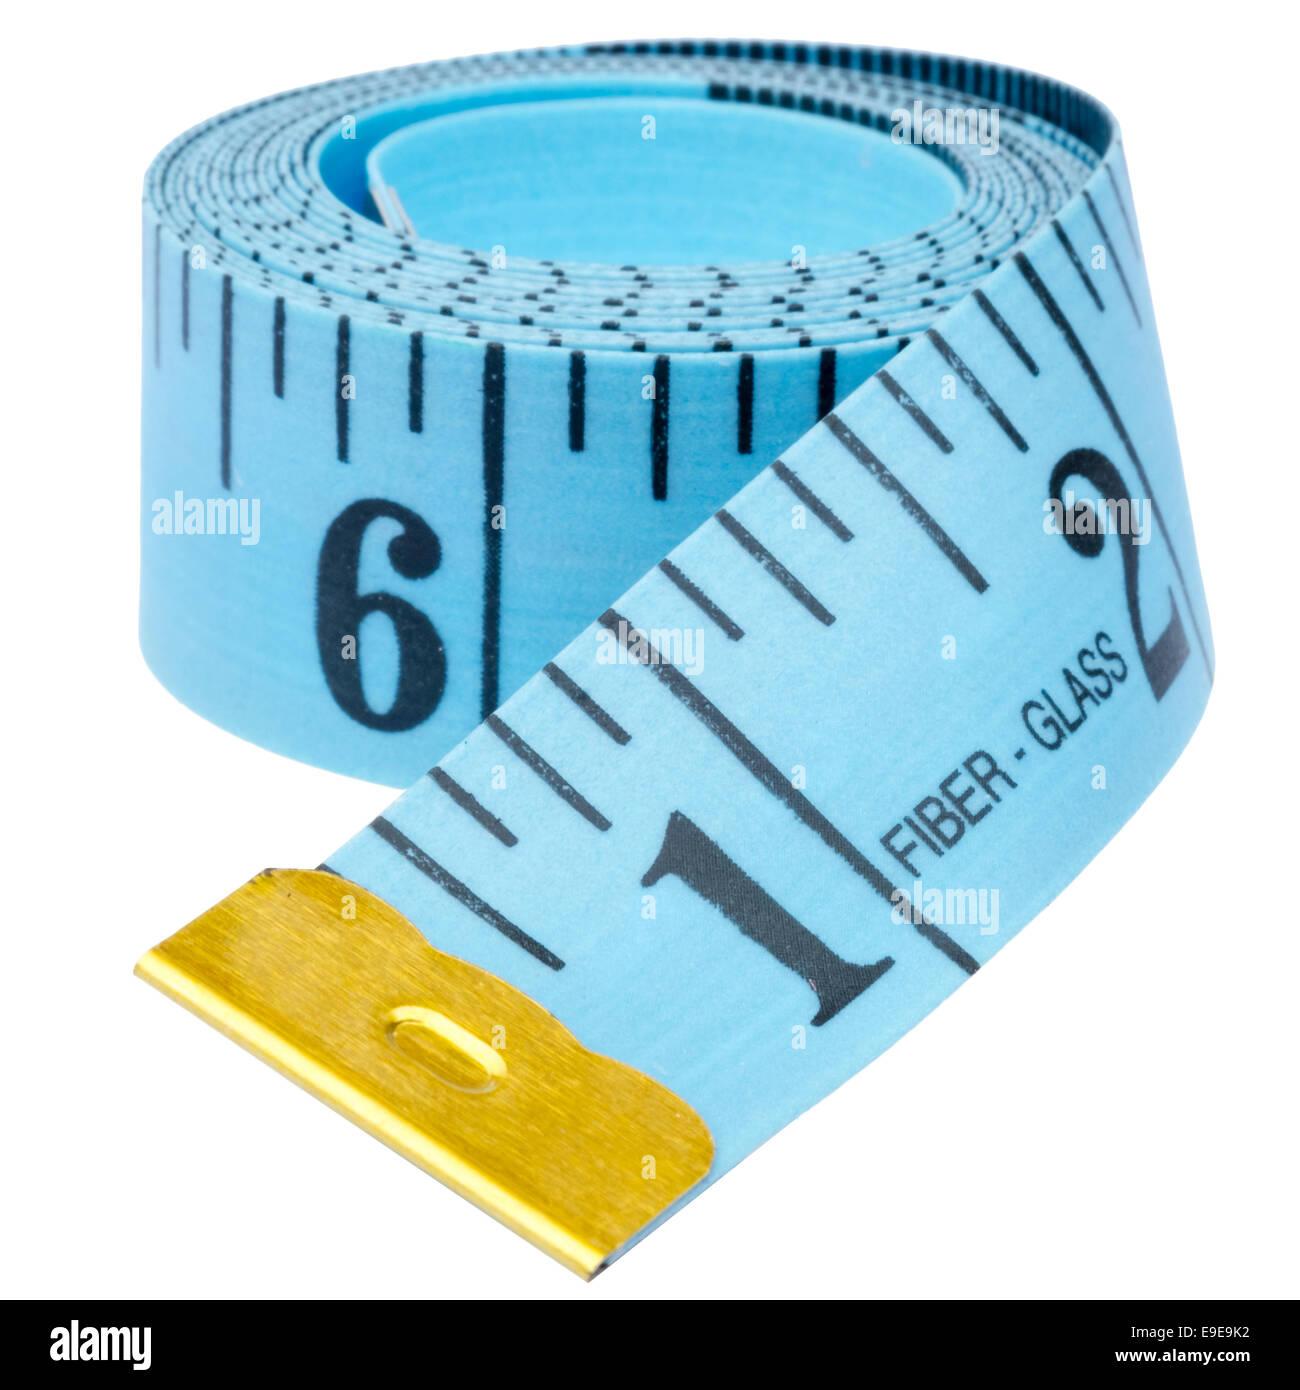 Tailleurs impériale ruban à mesurer, découper ou isolé sur un fond blanc. Photo Stock